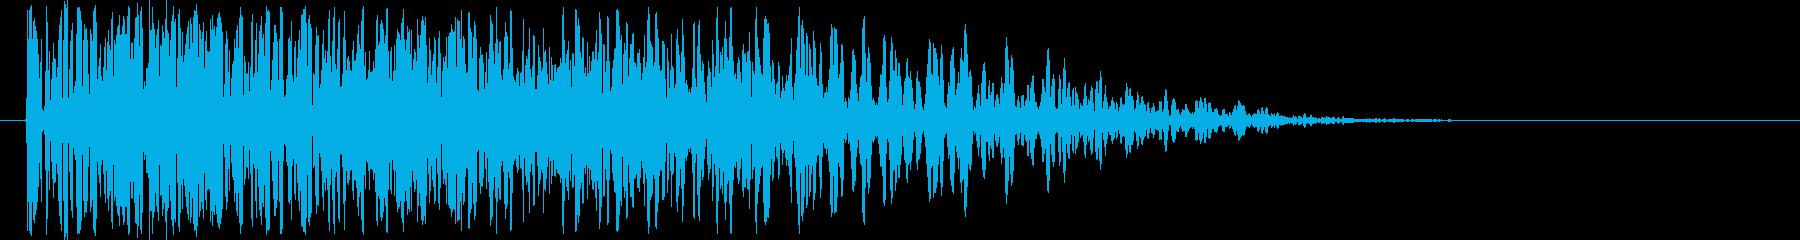 爆発音・大砲2の再生済みの波形